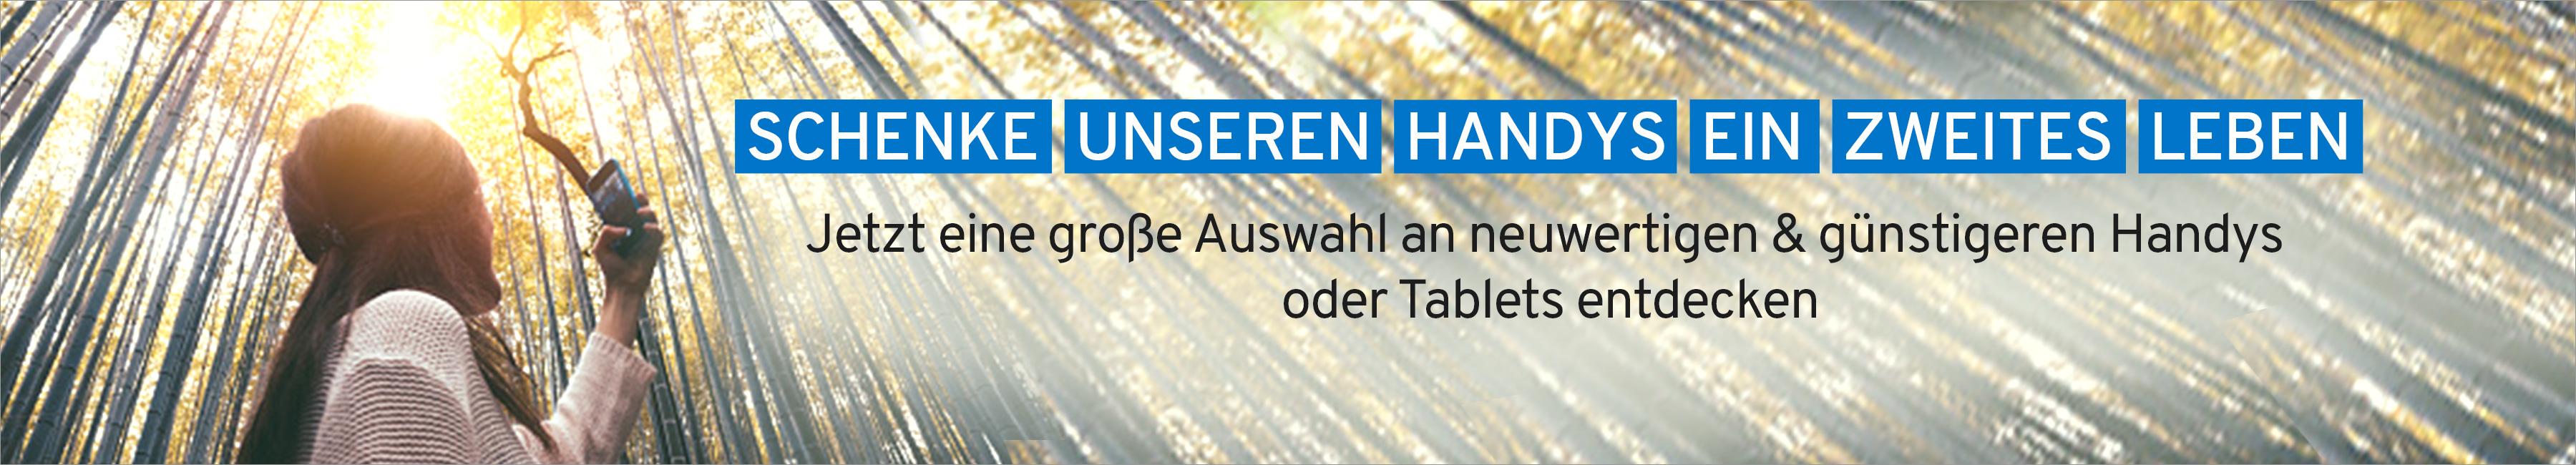 Jetzt eine große Auswahl an neuwertigen & günstigeren Handys oder Tablets entdecken